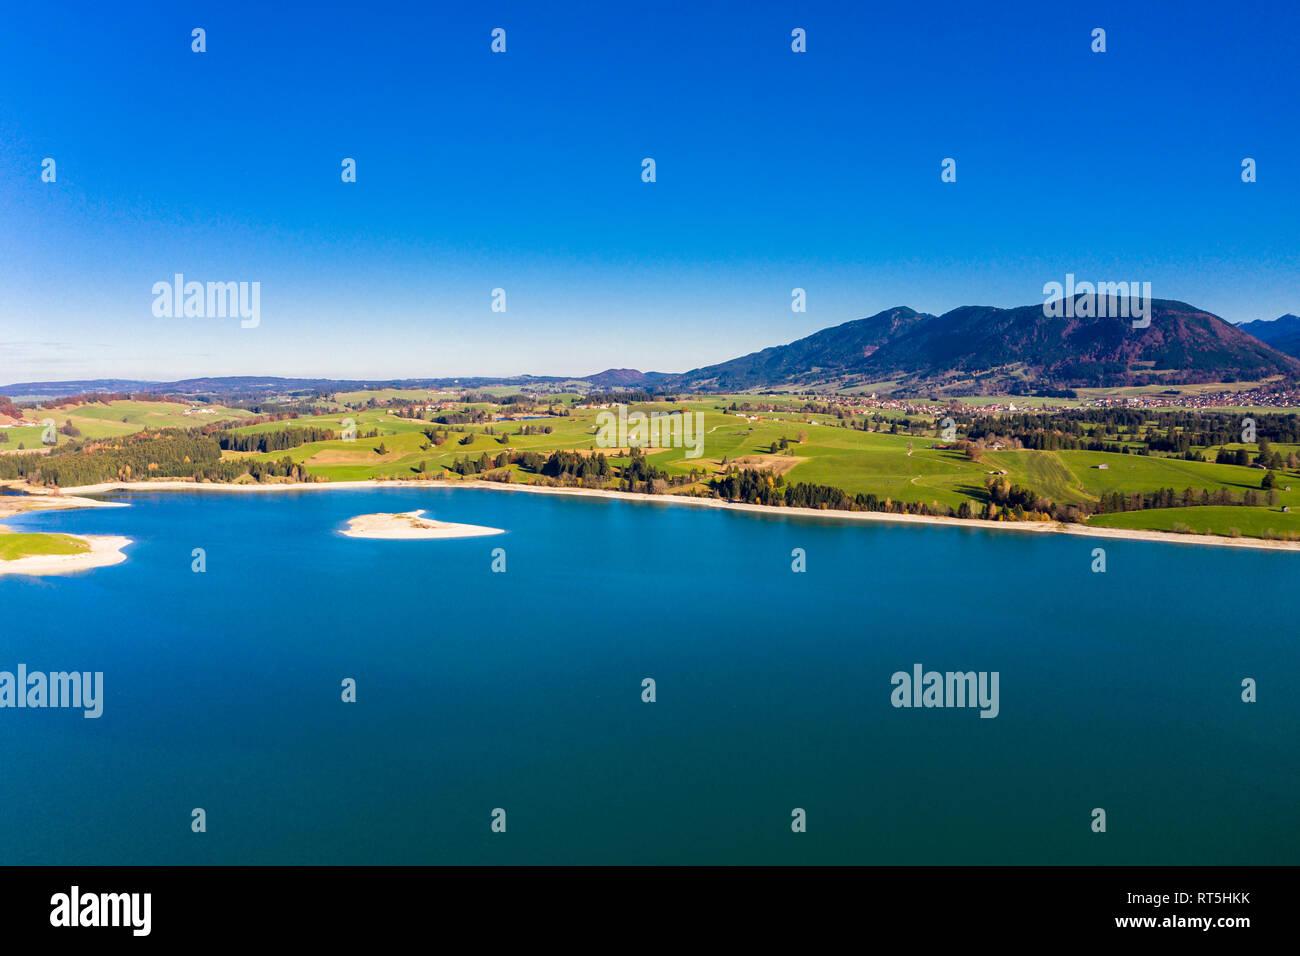 Germany, Bavaria, East Allgaeu, Fuessen, Schwangau, Dietringen, Aerial view of Lake Forggensee - Stock Image